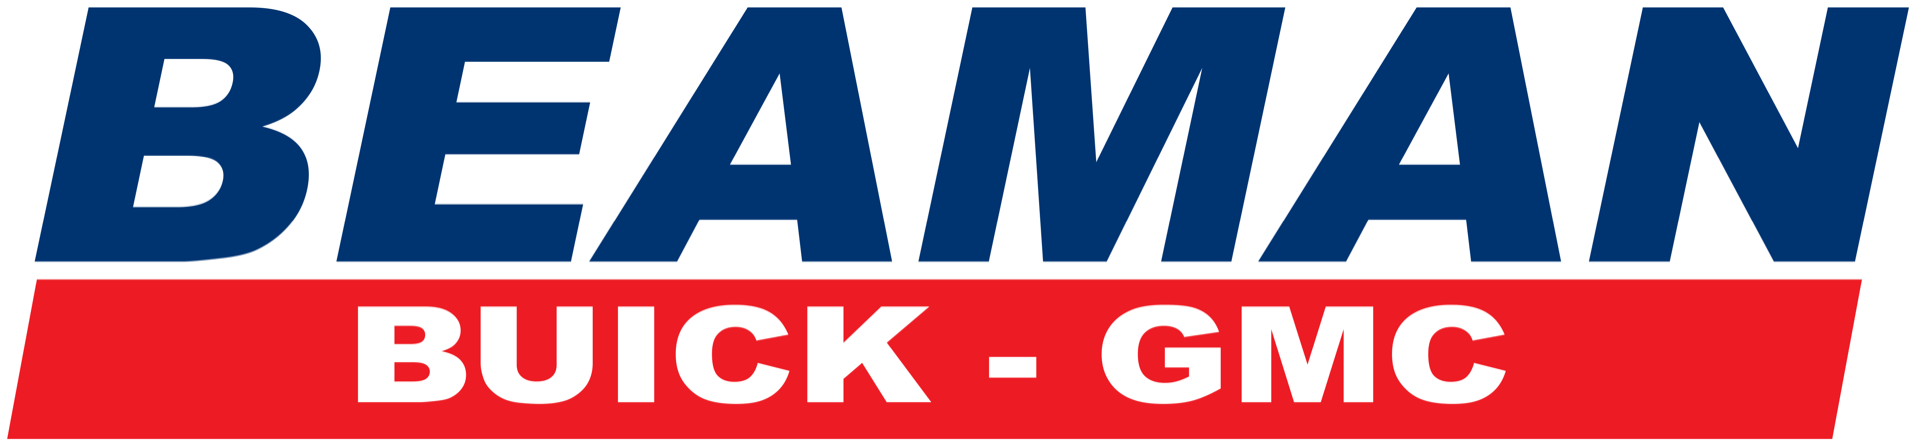 Beaman Buick GMC logo